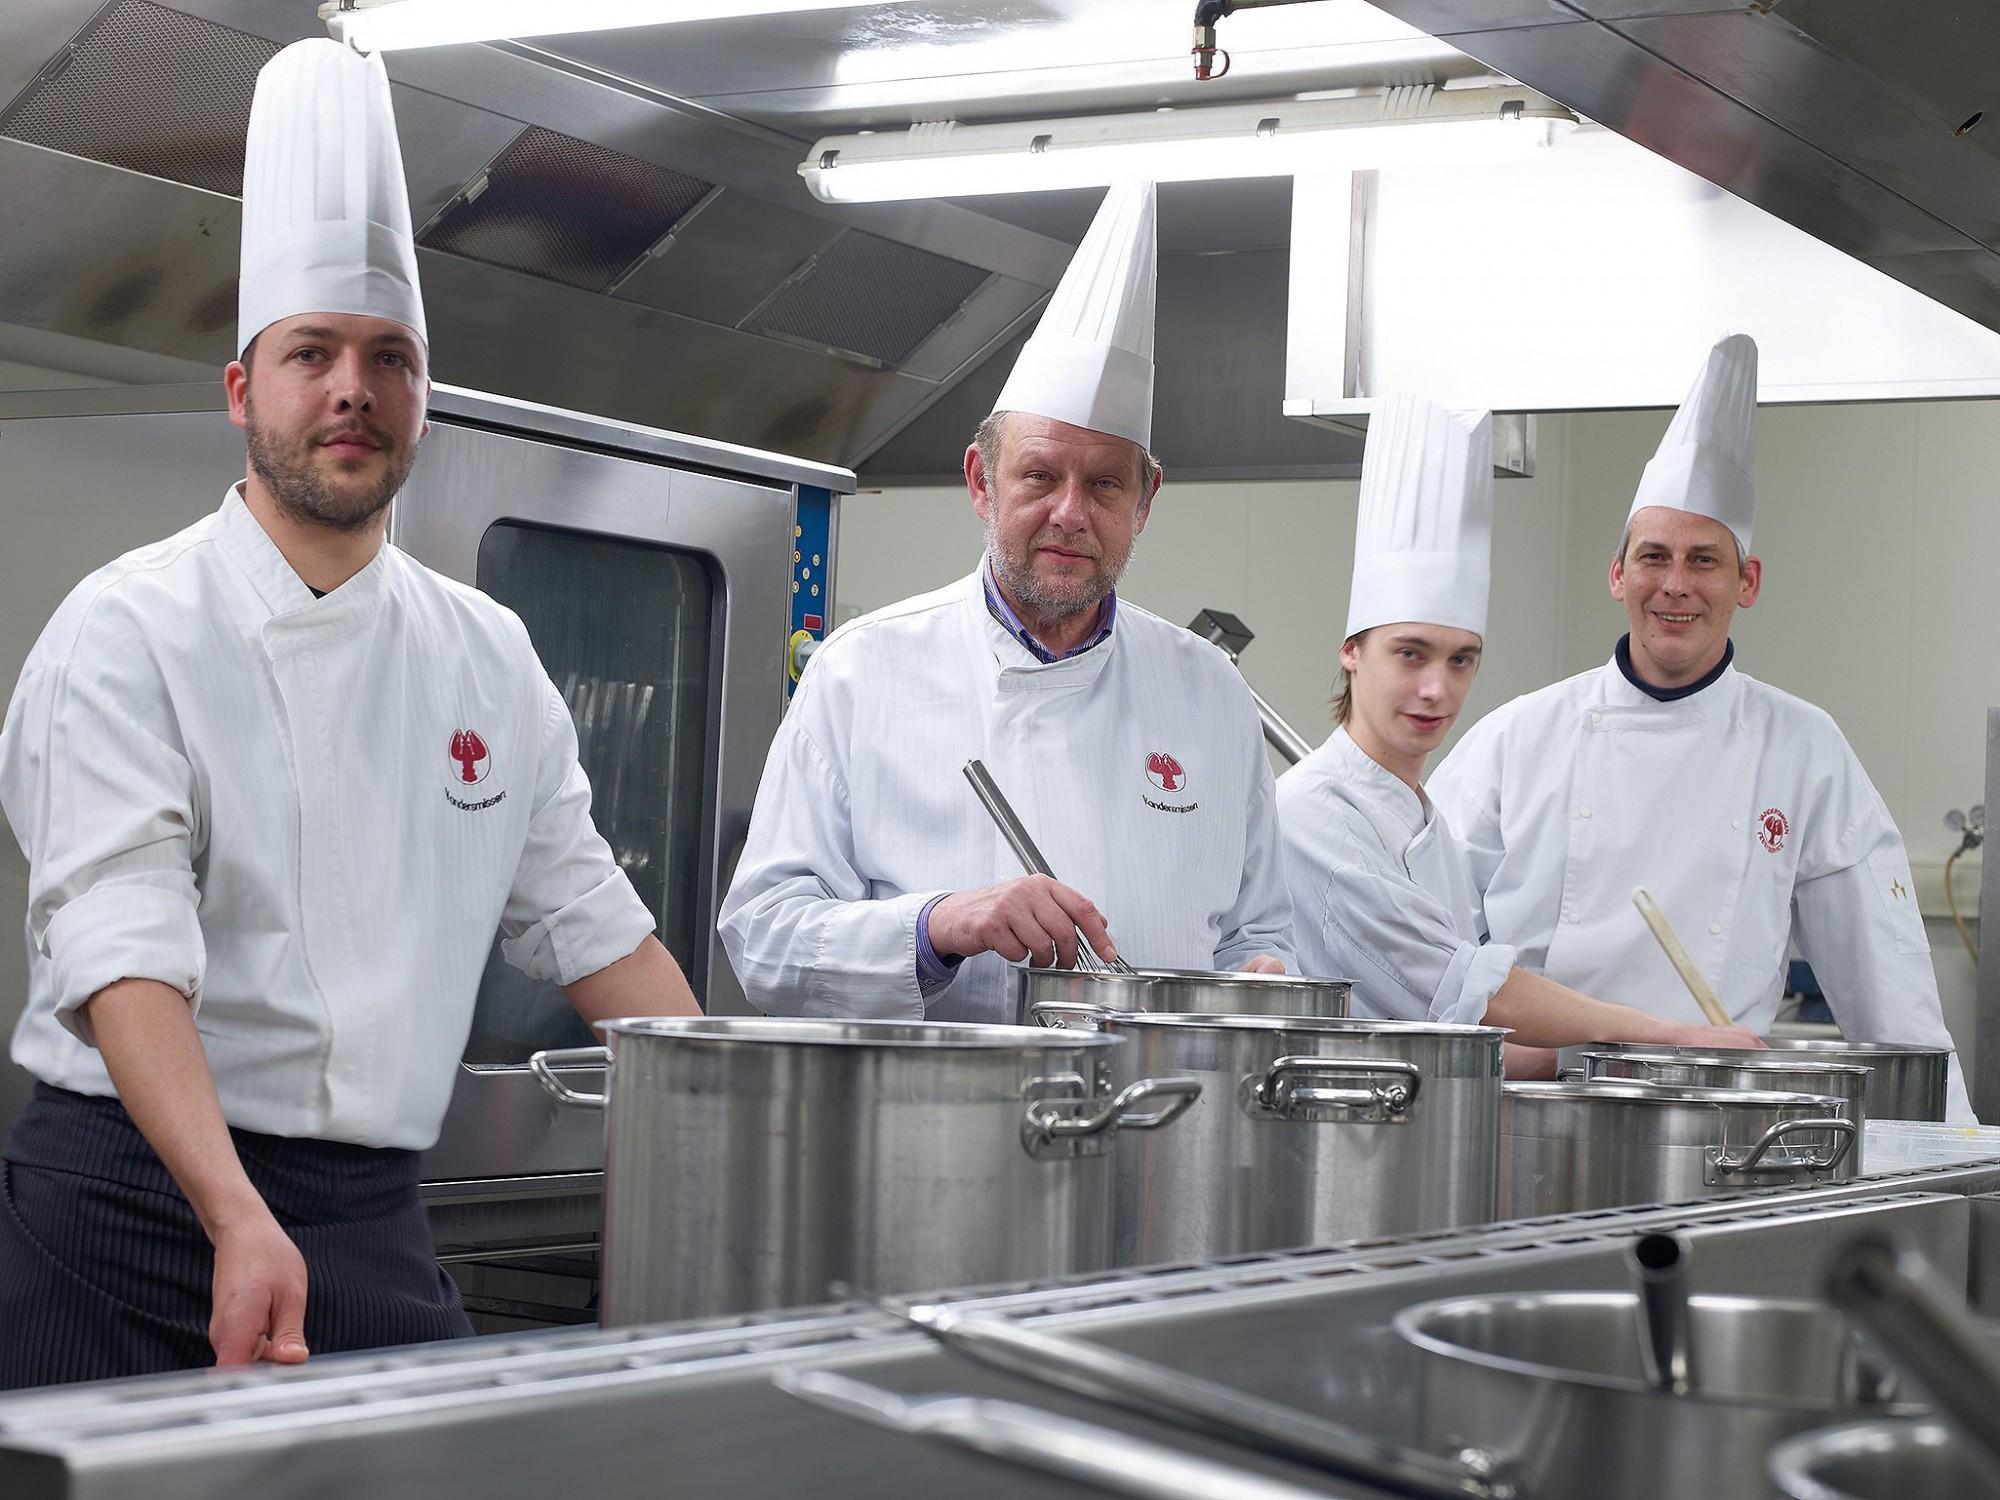 Afbeelding: Bedrijfs reportage voor Vandersmissen feestservice, de koks in de keuken.